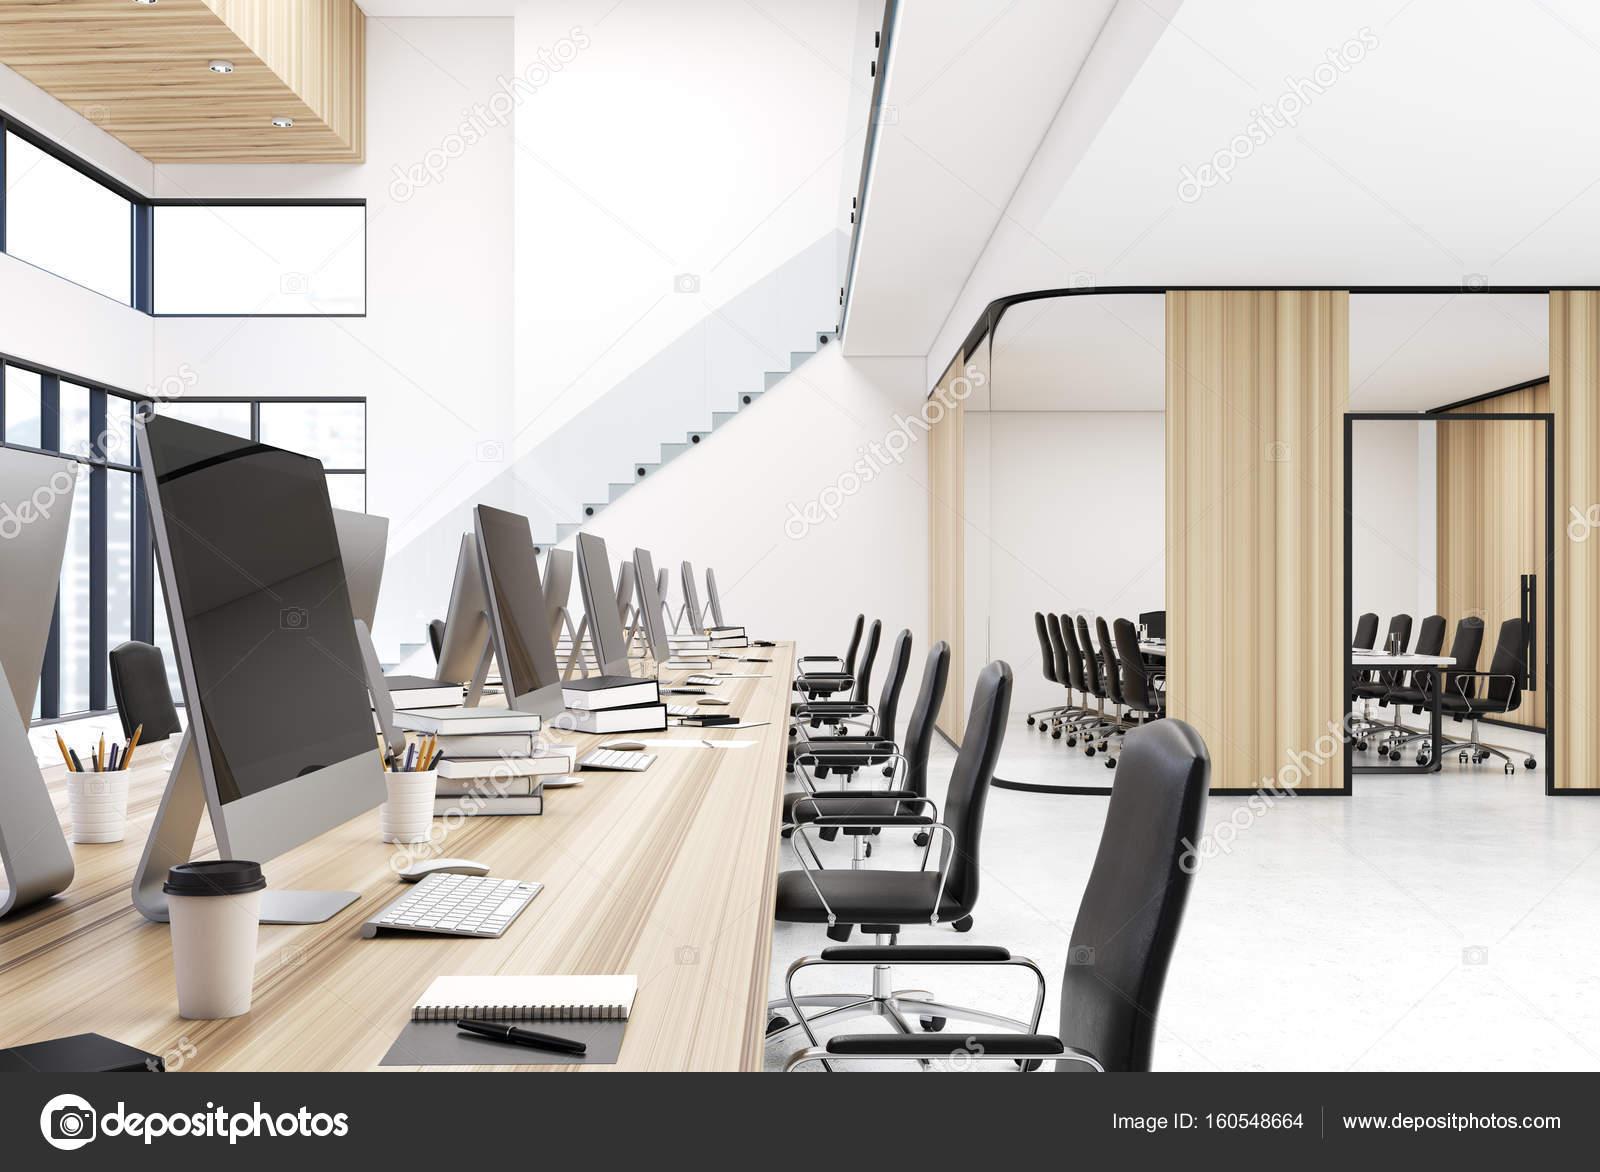 Bureau en bois espace ouvert avec des escaliers u photographie